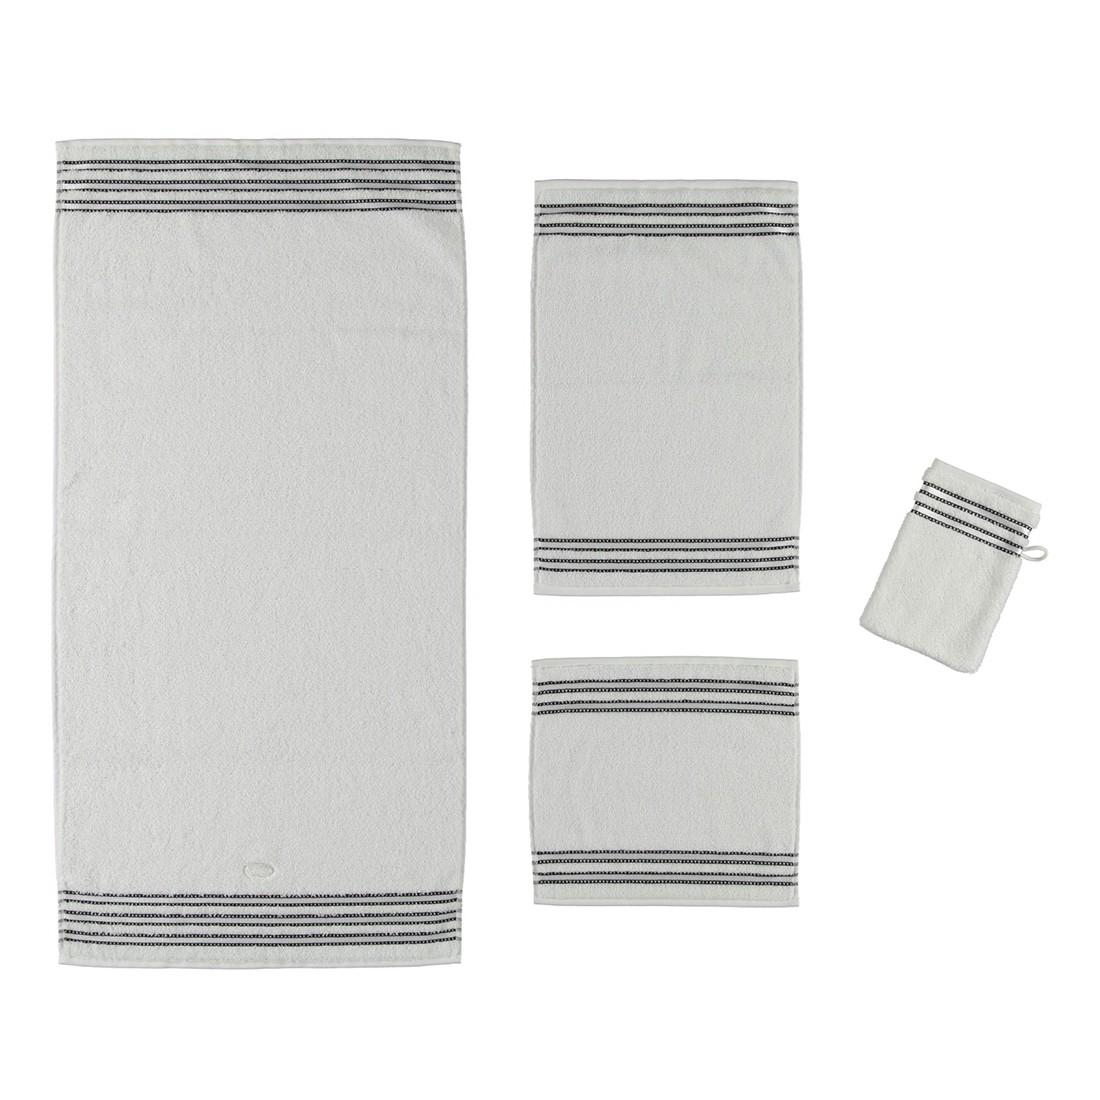 Handtuch Cult de Luxe – 100% Baumwolle Weiß – 030 – Duschtuch: 67×140 cm, Vossen günstig